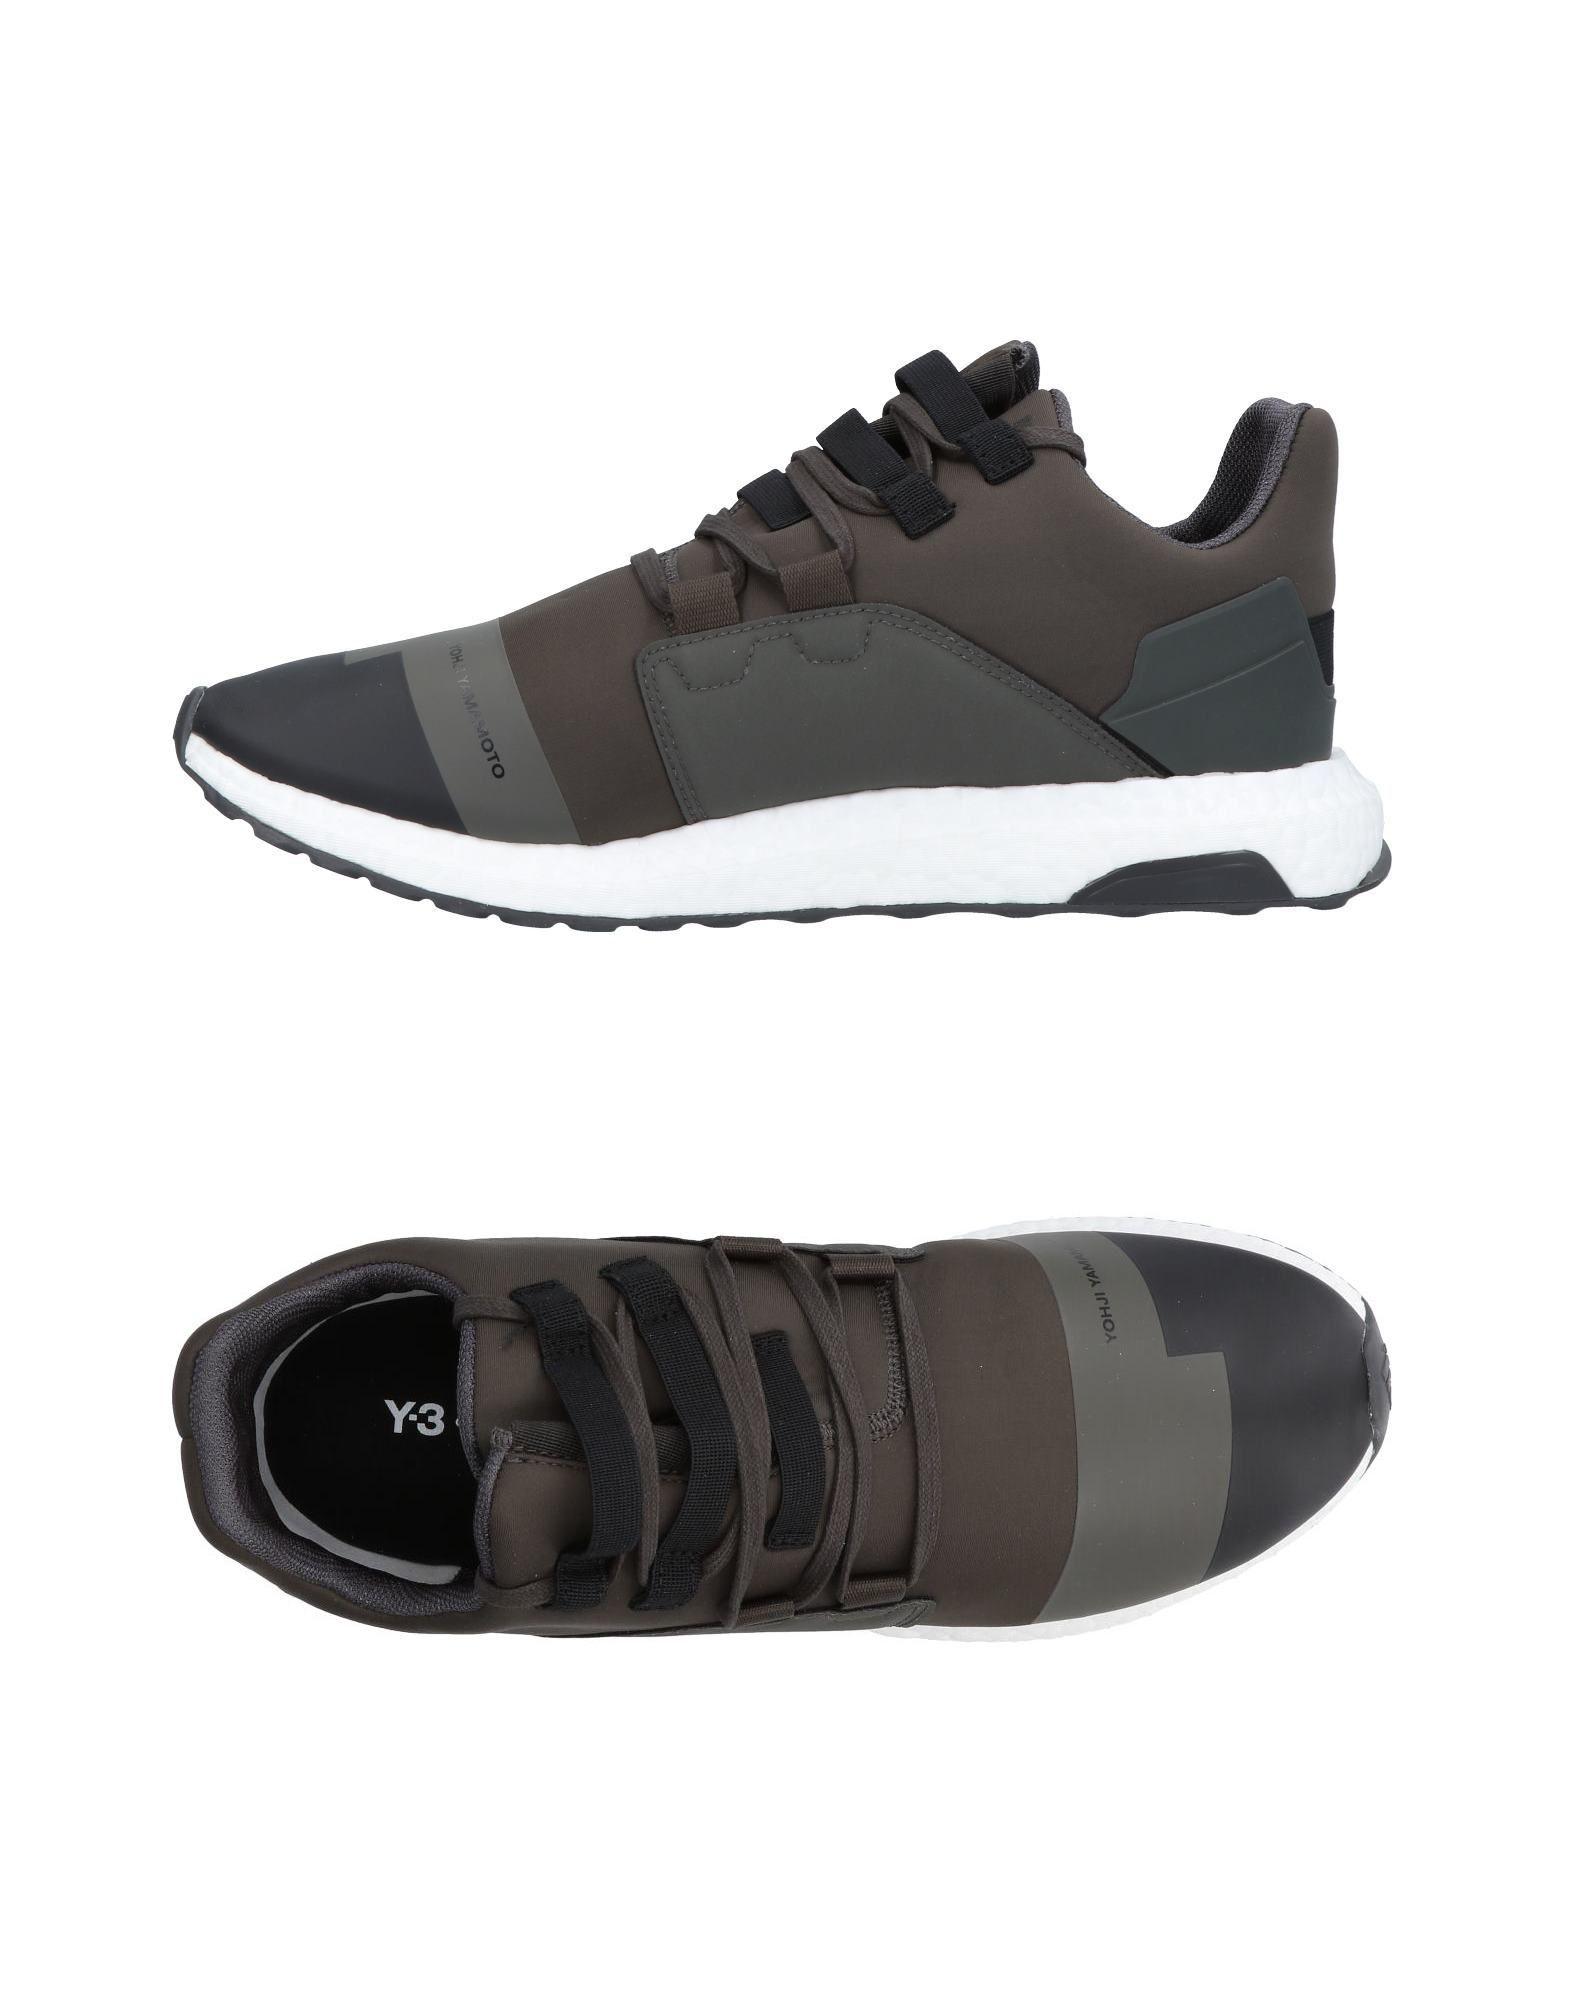 Turnschuhe Adidas By Yohji Yamamoto herren - 11463864LT